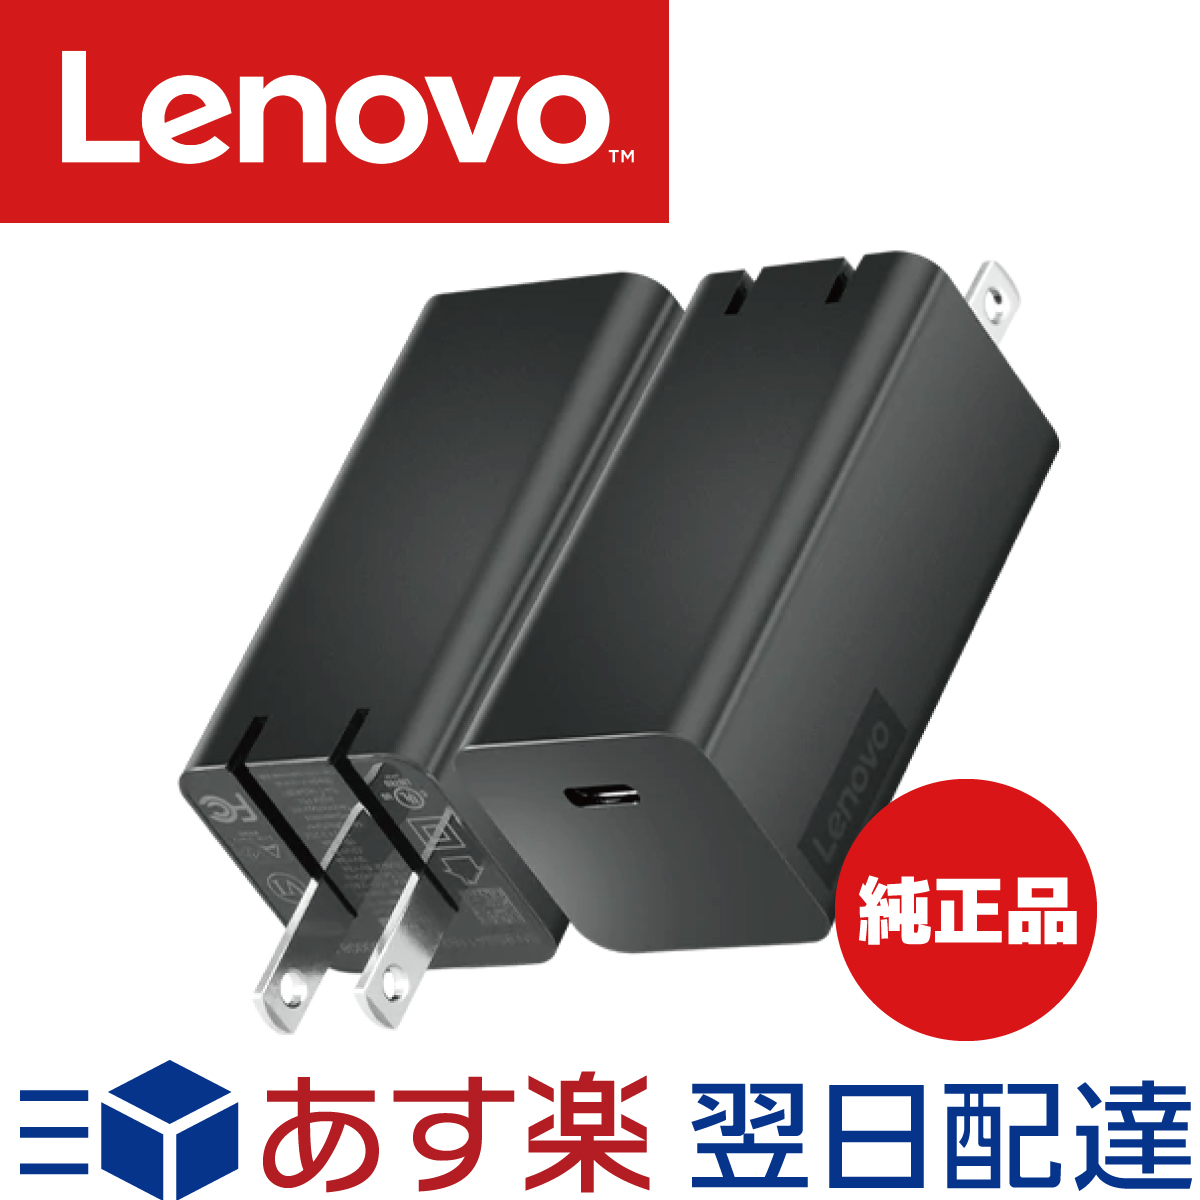 あす楽 送料無料 ポイント消化 メーカー1年保証 Lenovo レノボ 与え ACアダプター 全品最安値に挑戦 USB 40AWGC65WW アダプター 65W Type-C GaN 純正品 ジャパン